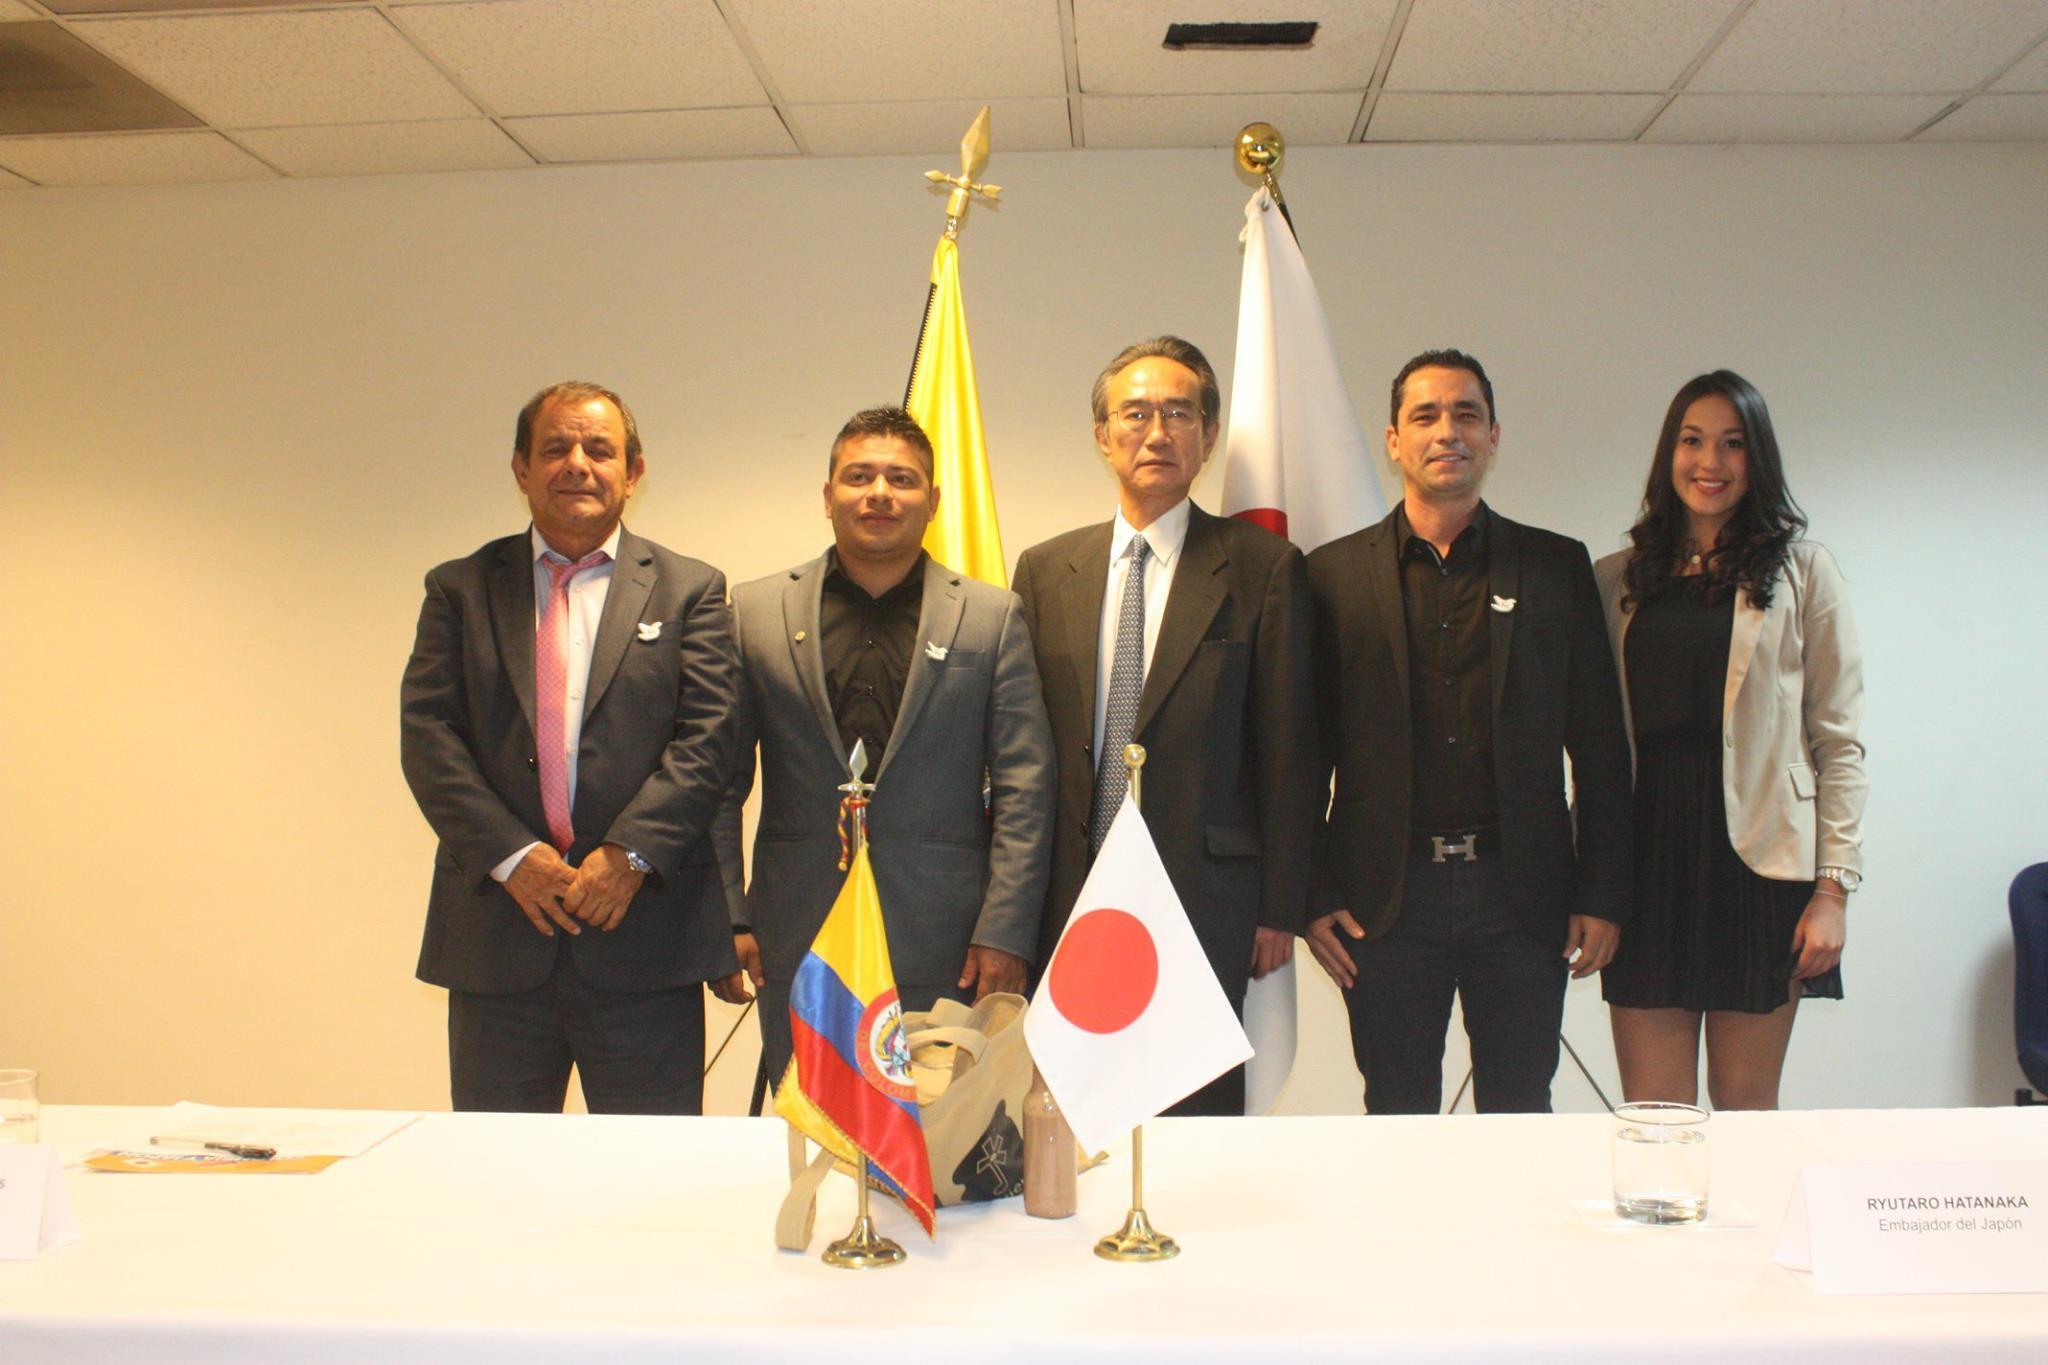 La ceremonia de firmas contó con la asistencia del Sr. Embajador del Japón, Su Excelencia Ryutaro Hatanaka y representantes de las organizaciones receptoras de la donación, representantes de la Corporación Desarrollo y Paz de Magdalena Medio, autoridades del municipio, entre otros.